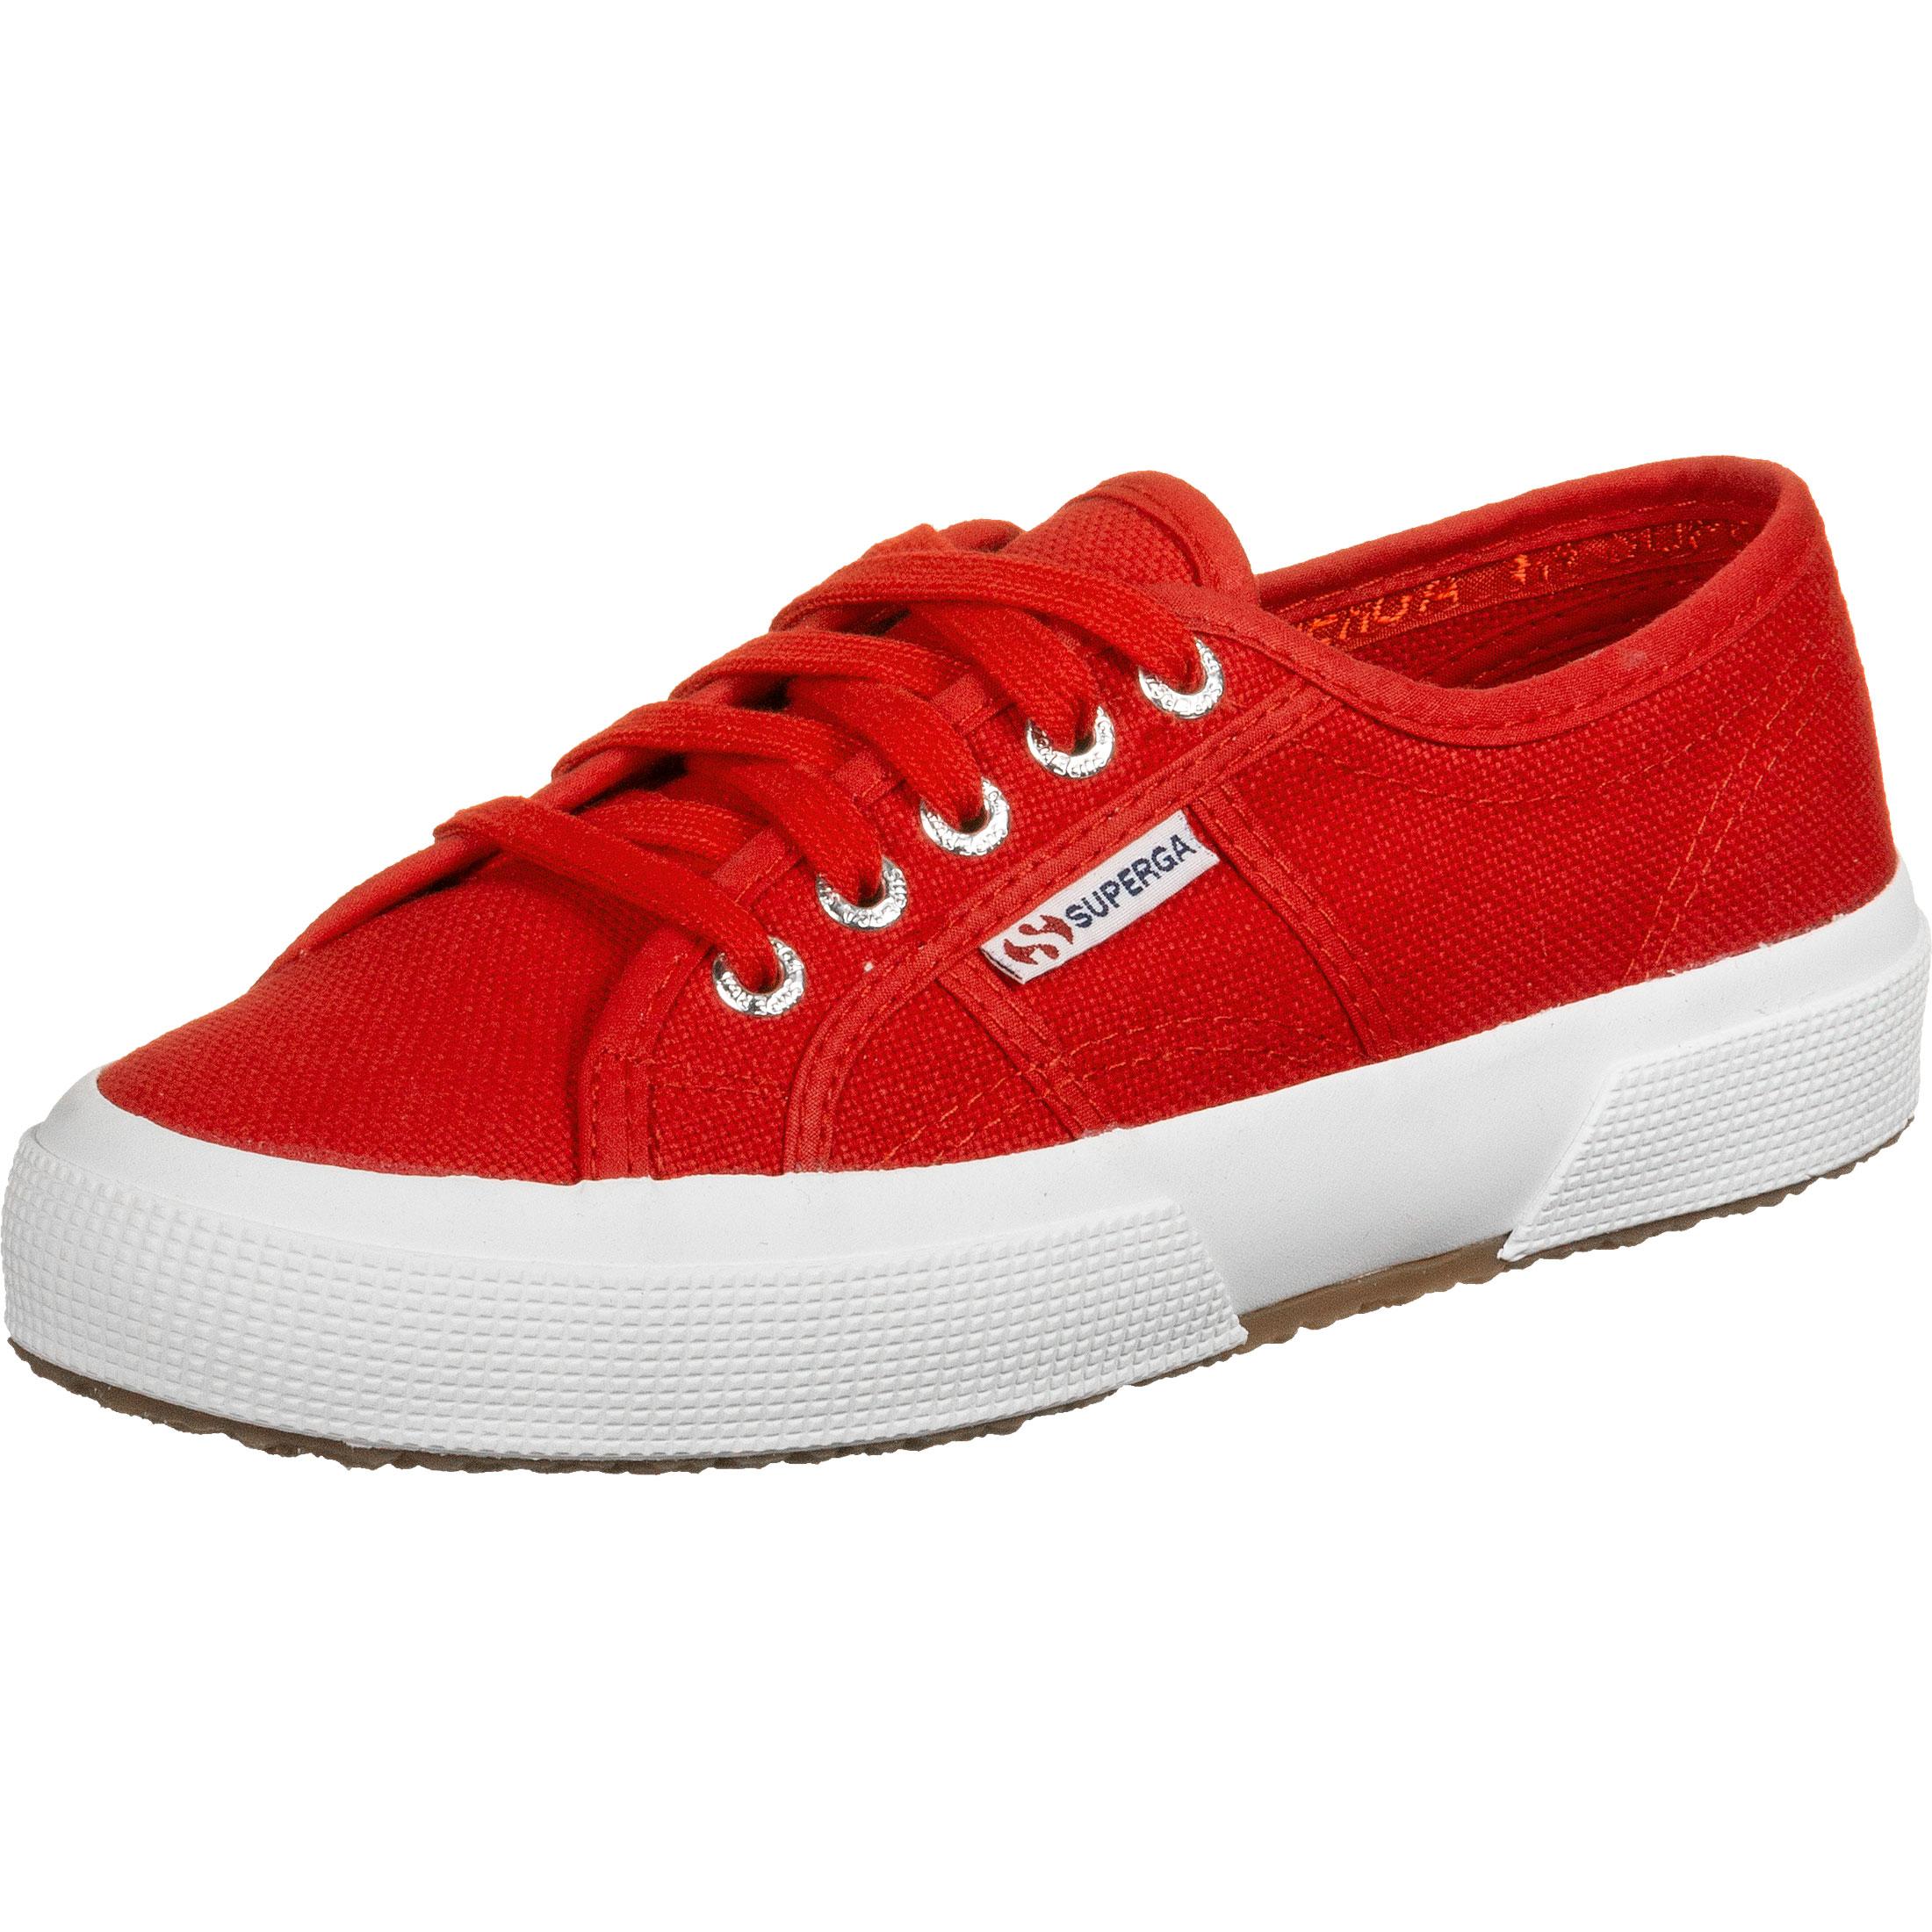 Superga 2750 Cotu Classic - Sneakers